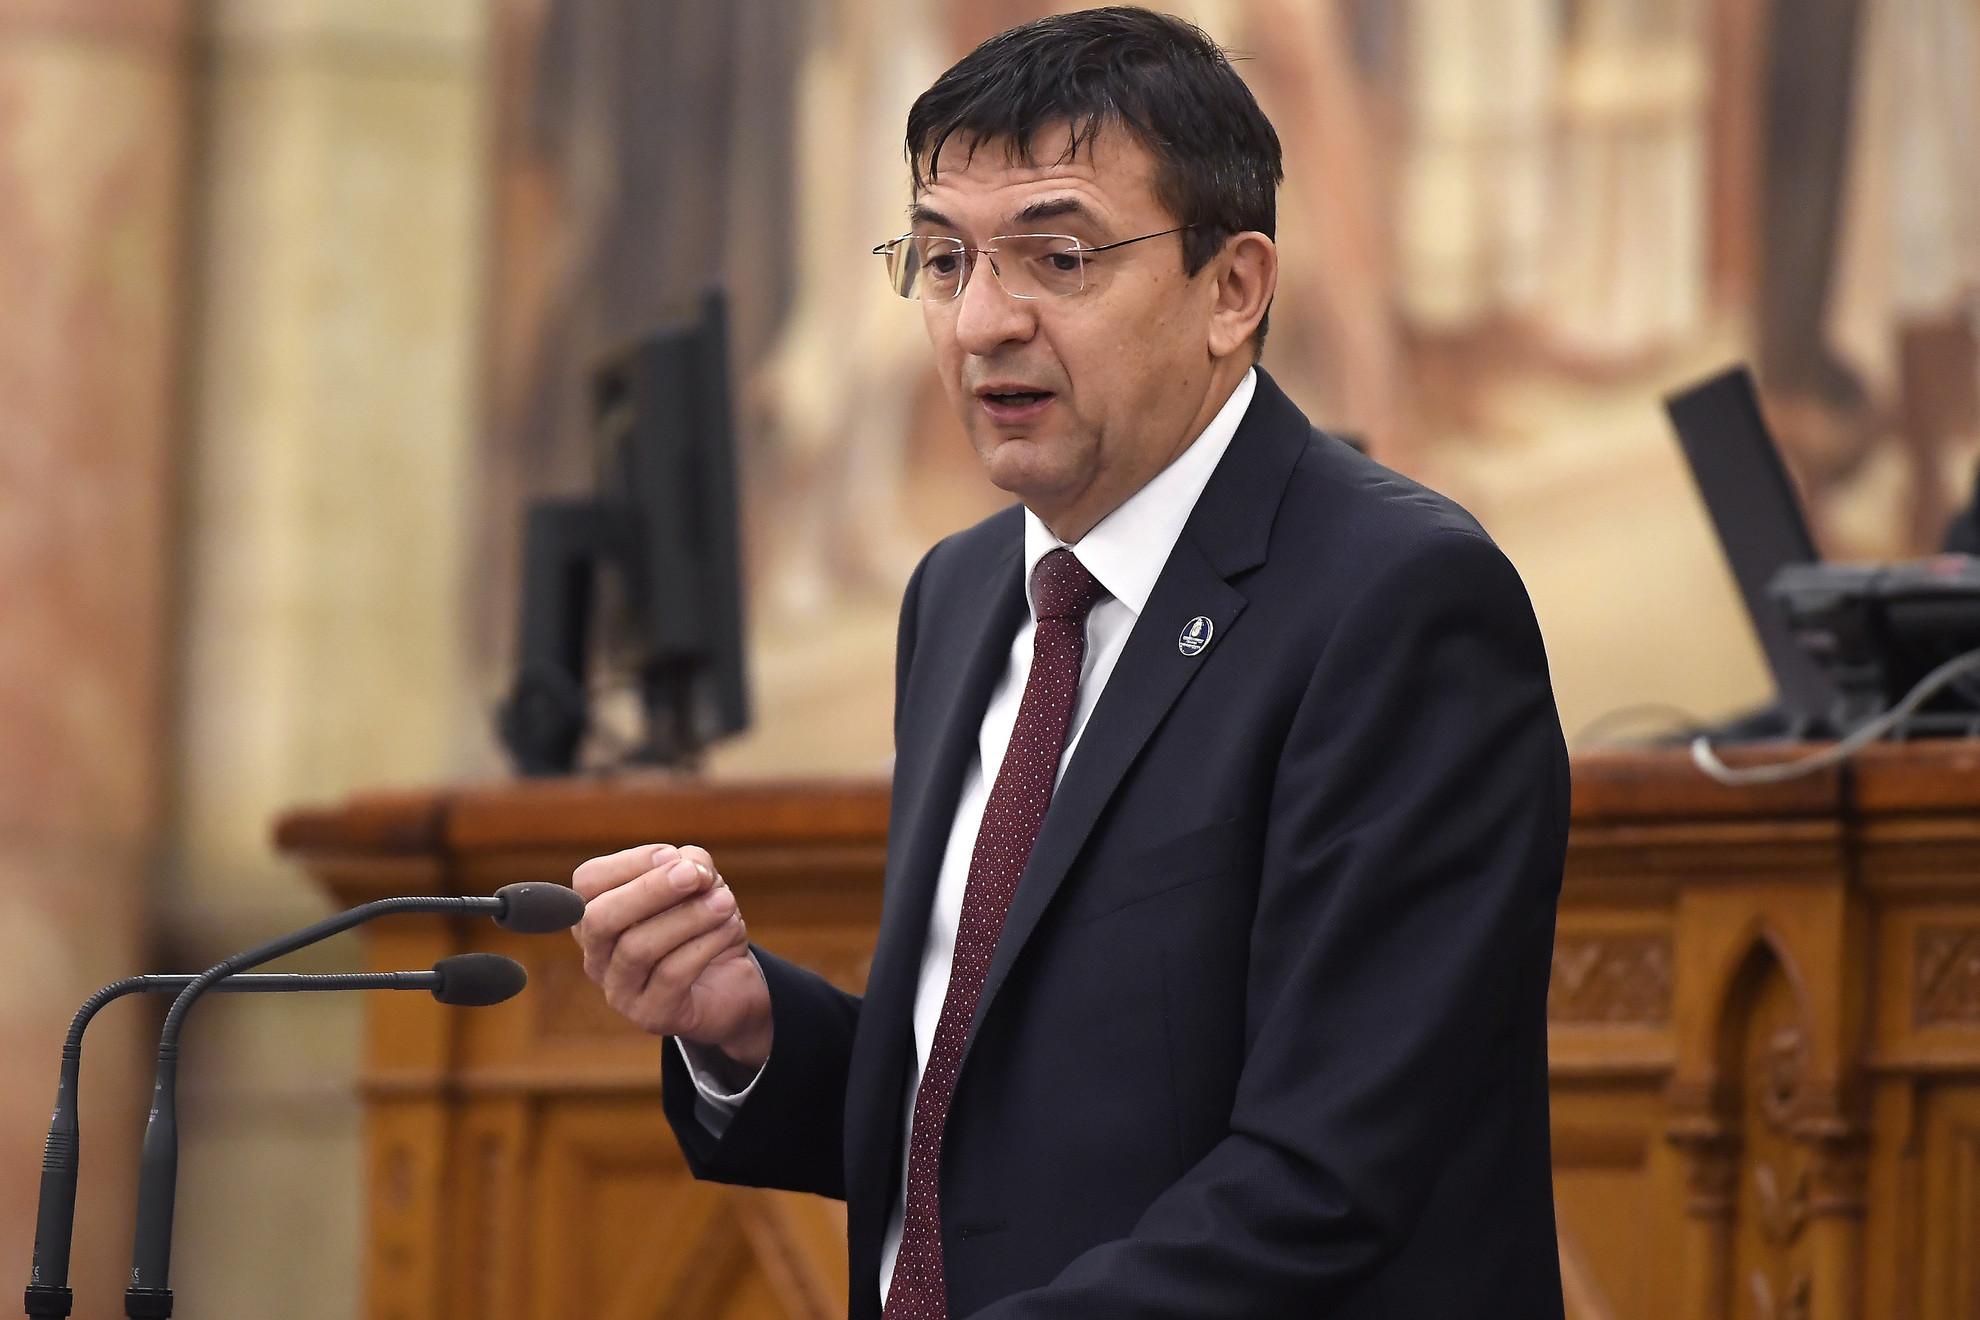 Domokos László az Állami Számvevőszék elnöke felszólal a Magyarország 2021. évi központi költségvetéséről szóló javaslat általános vitájában az Országgyűlés plenáris ülésén